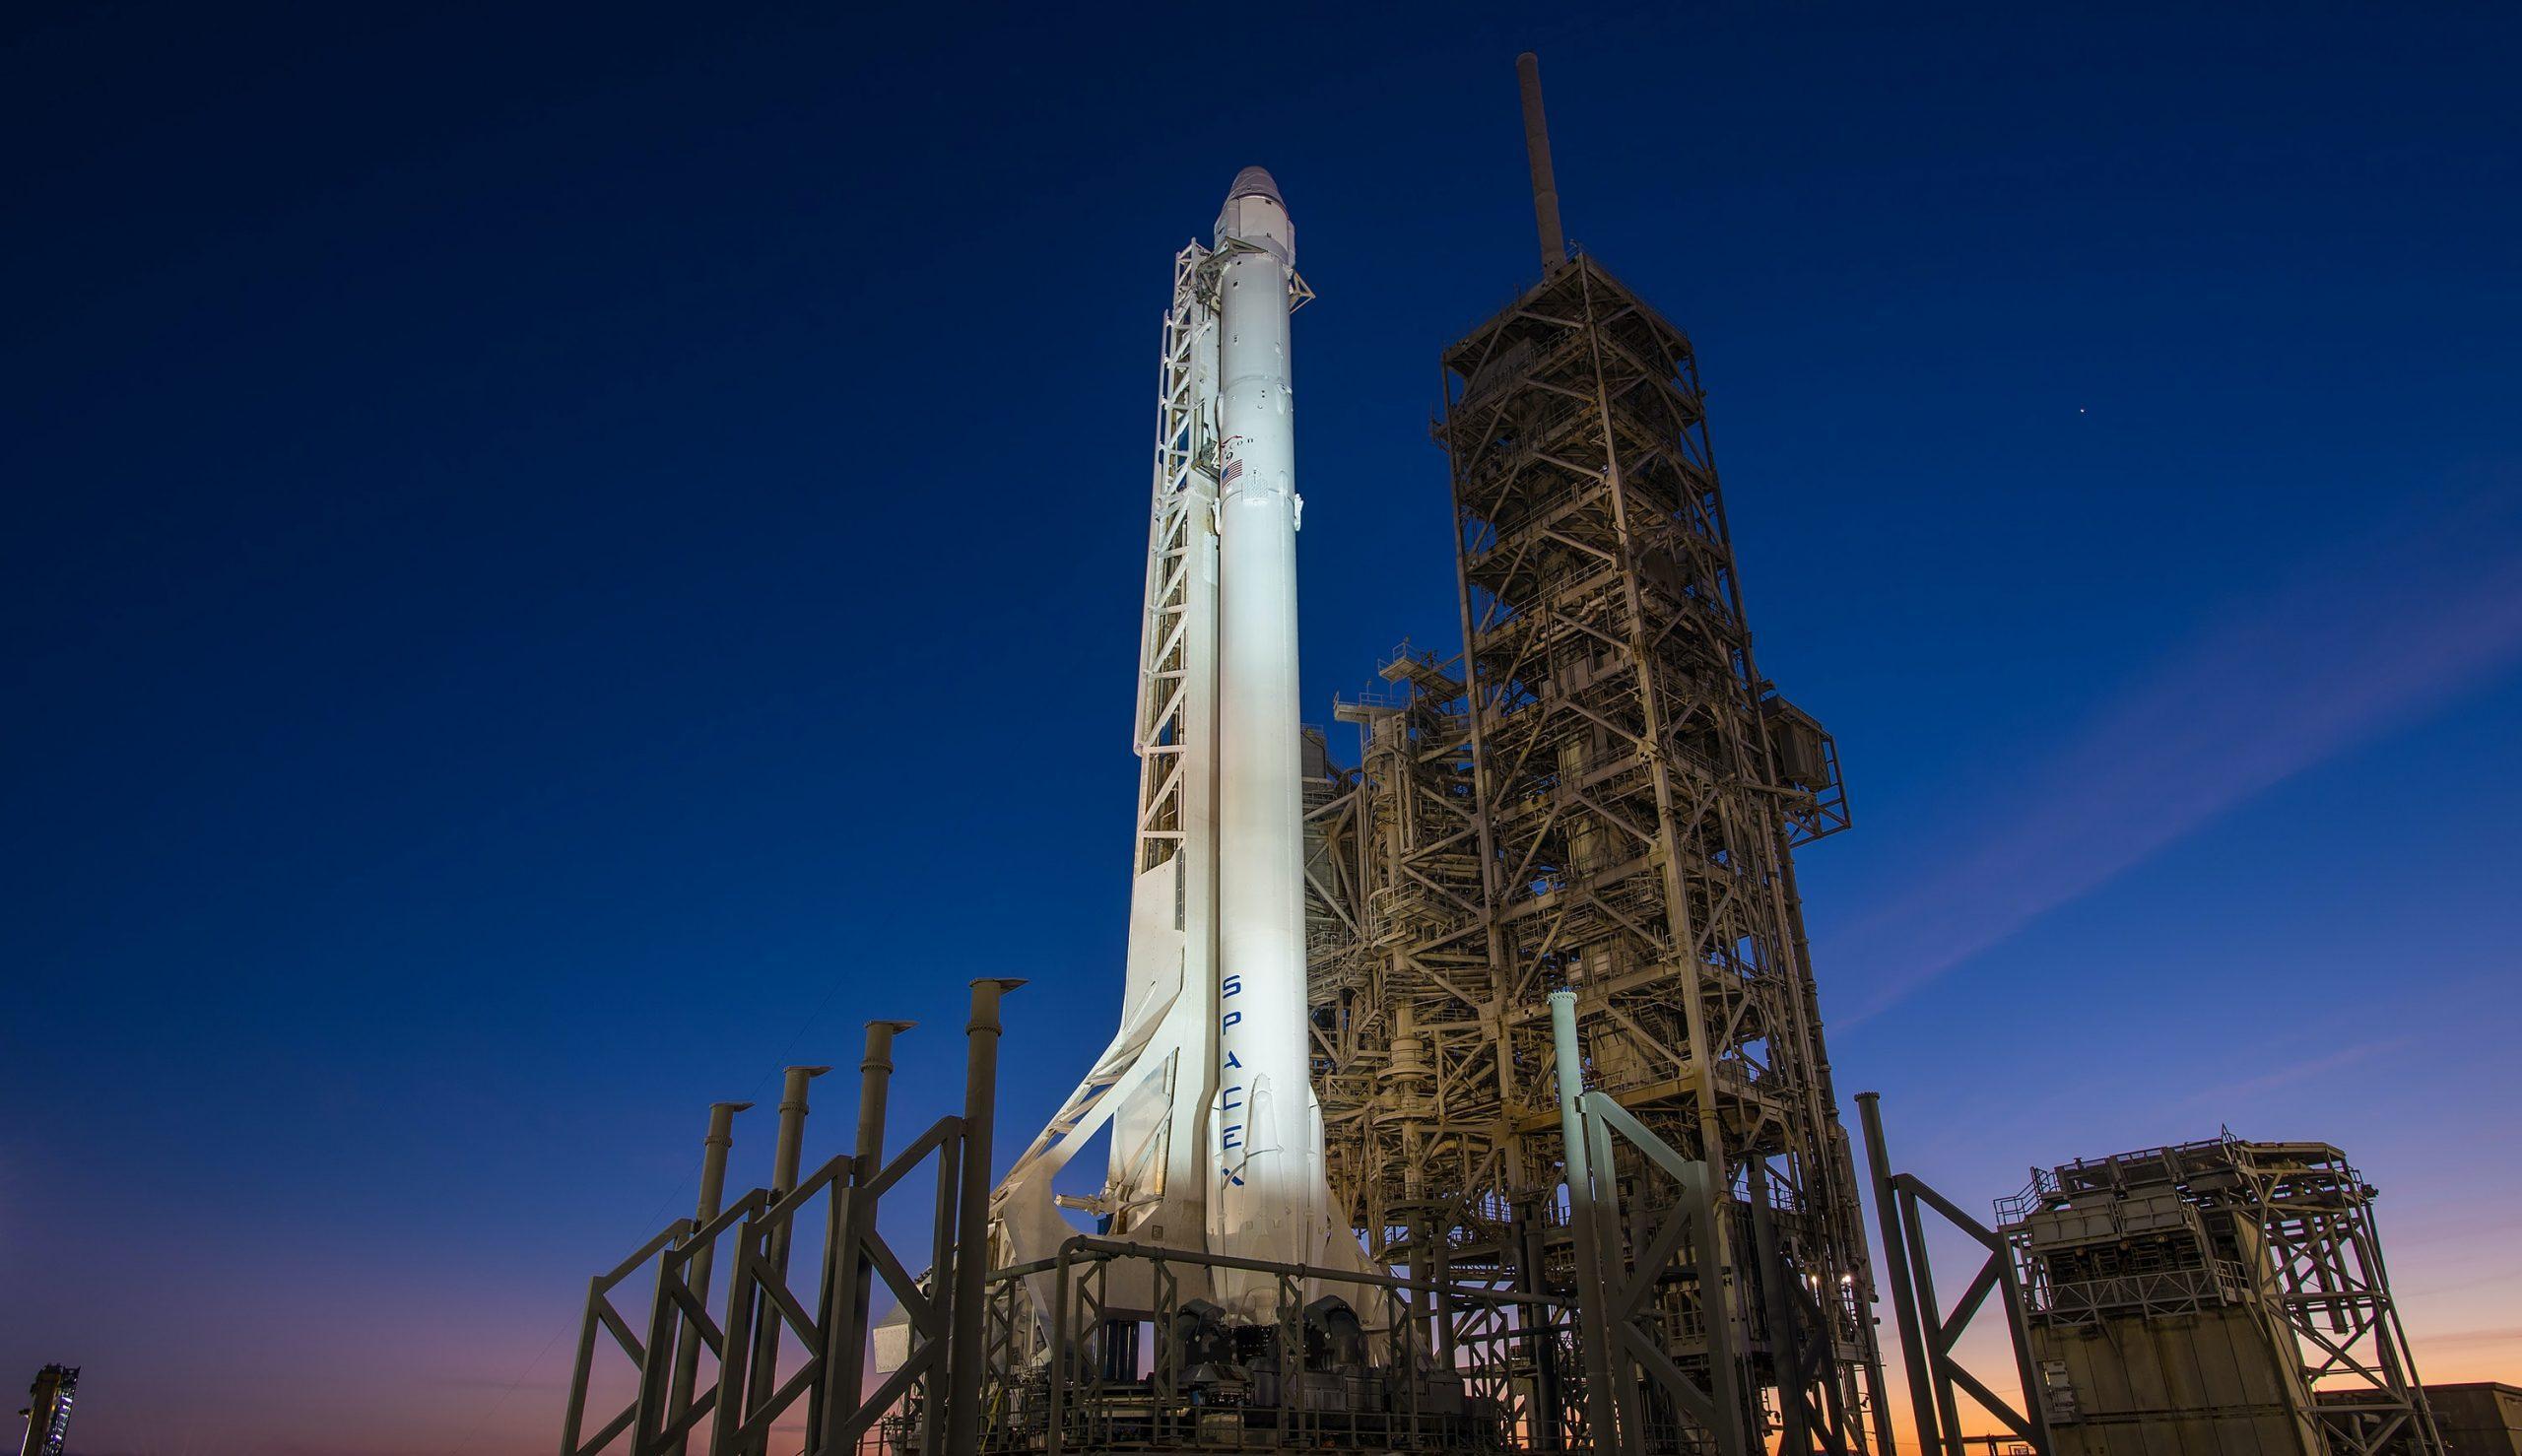 Spoločnosť SpaceX má na konte rekordné prvenstvá